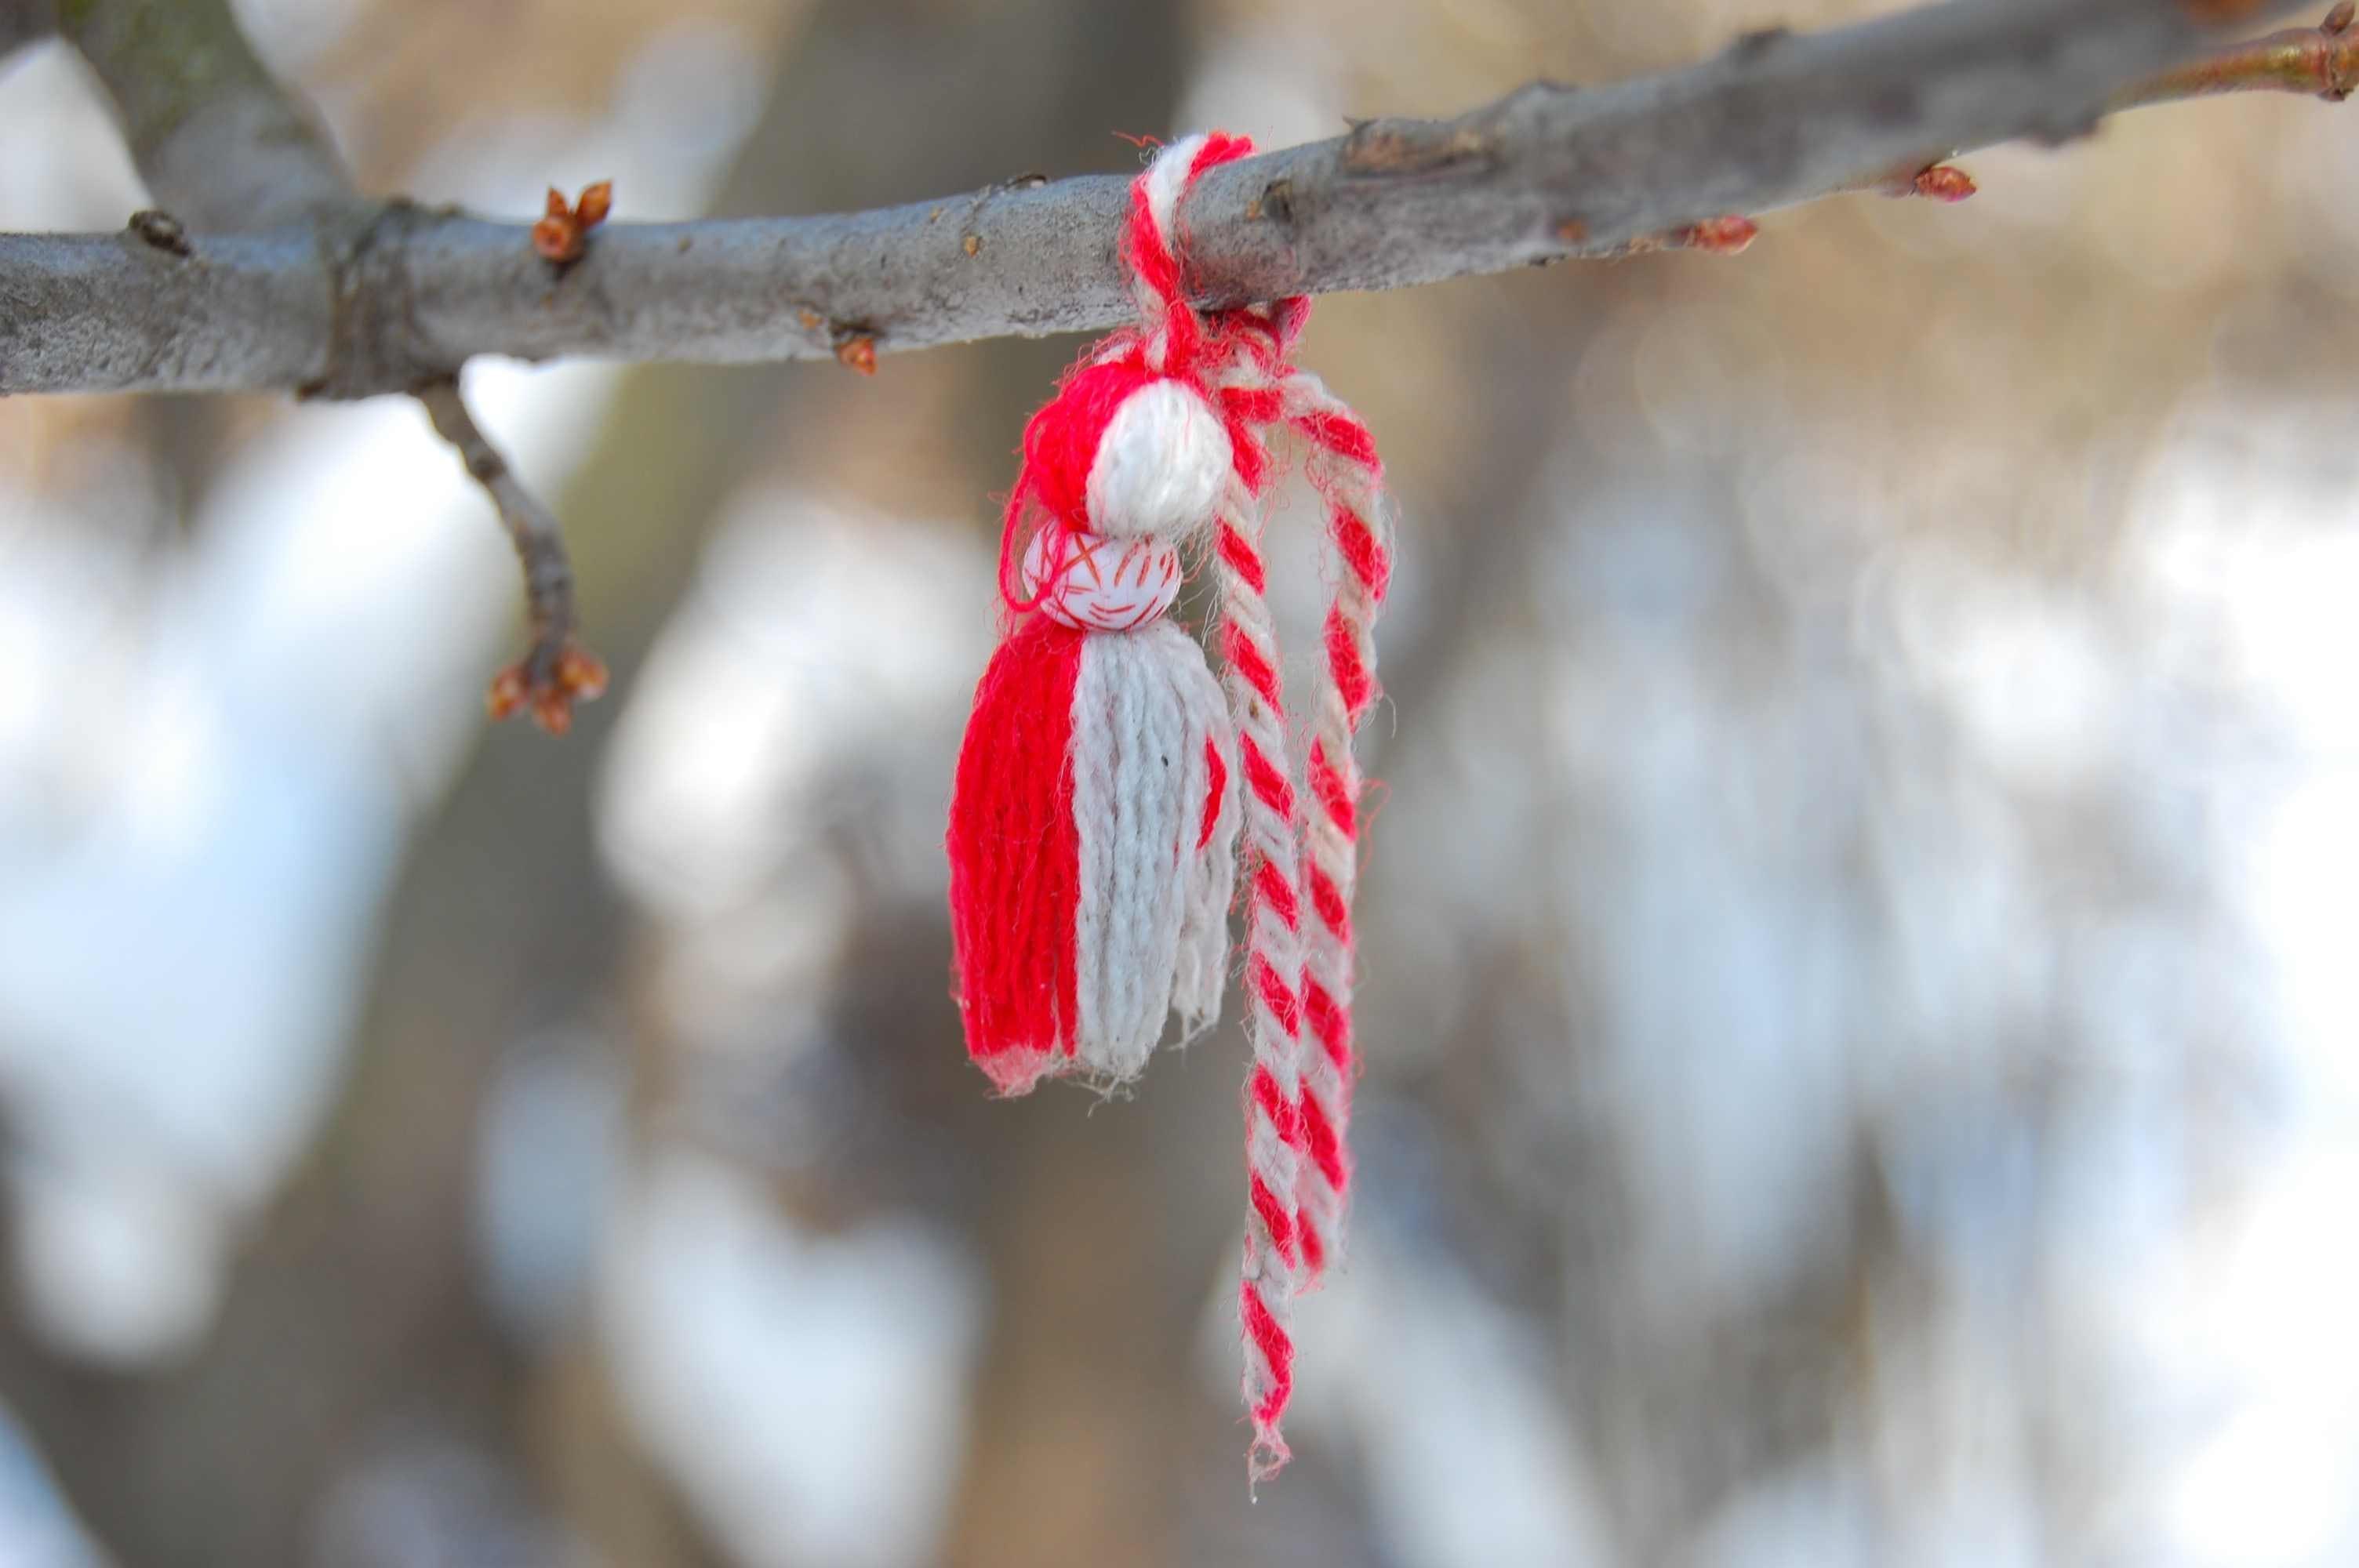 Free stock photo of Martenitsa, tradition